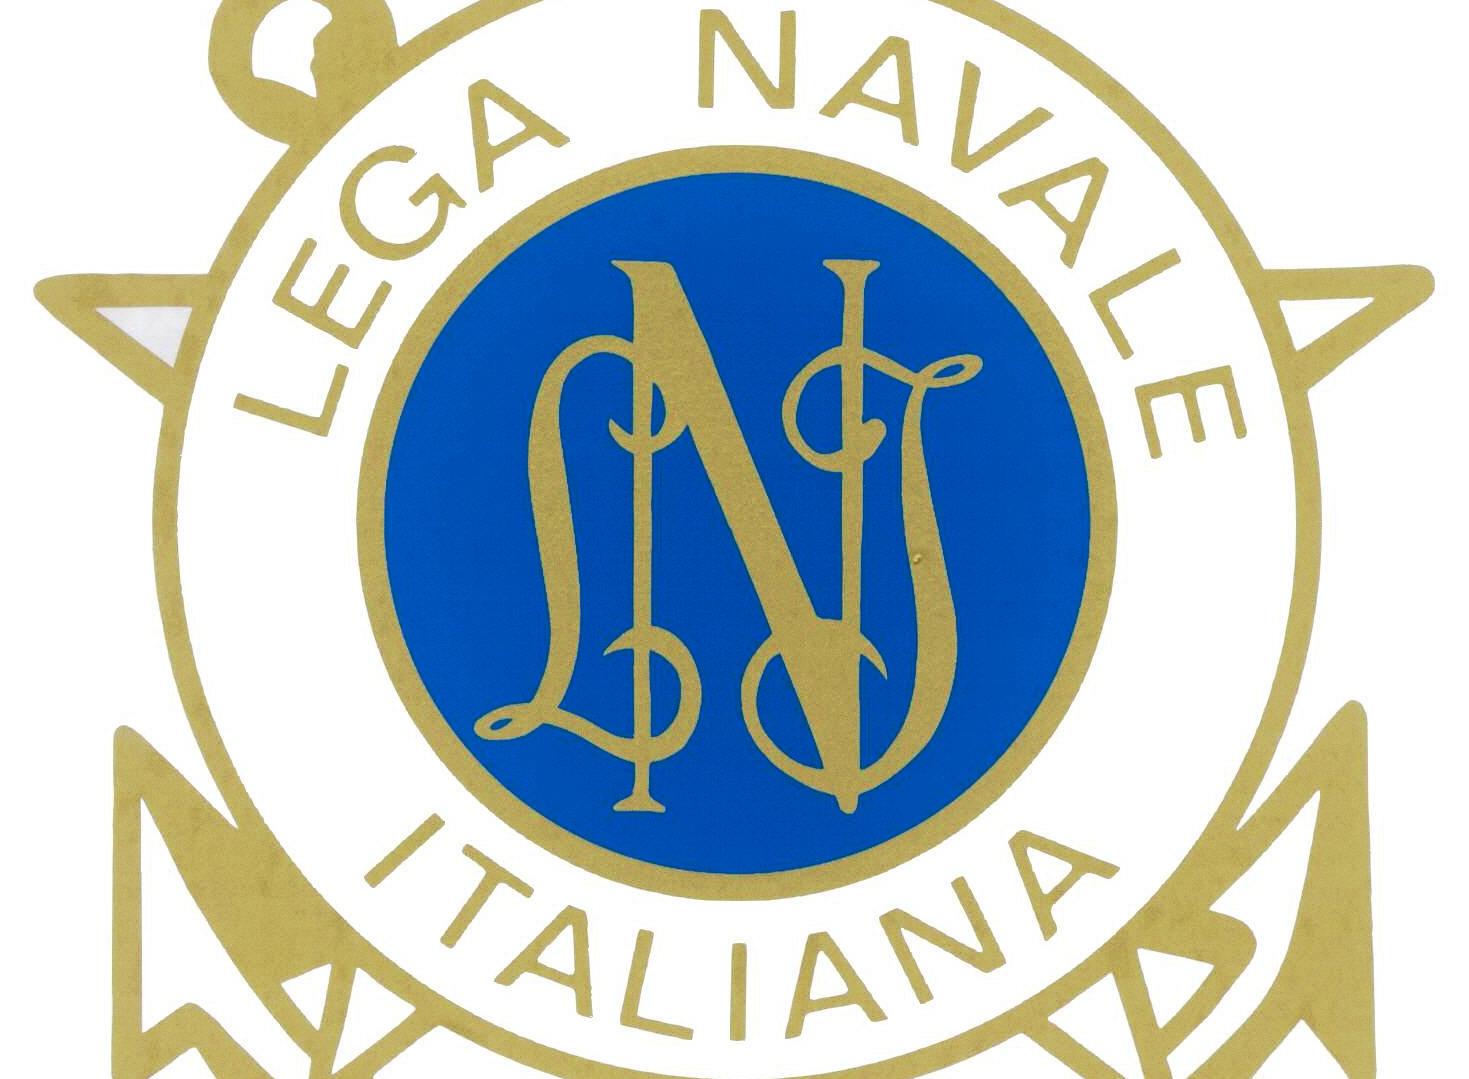 https://www.leganavalestabia.it/immagini_articoli/miniature/11344623526.jpg